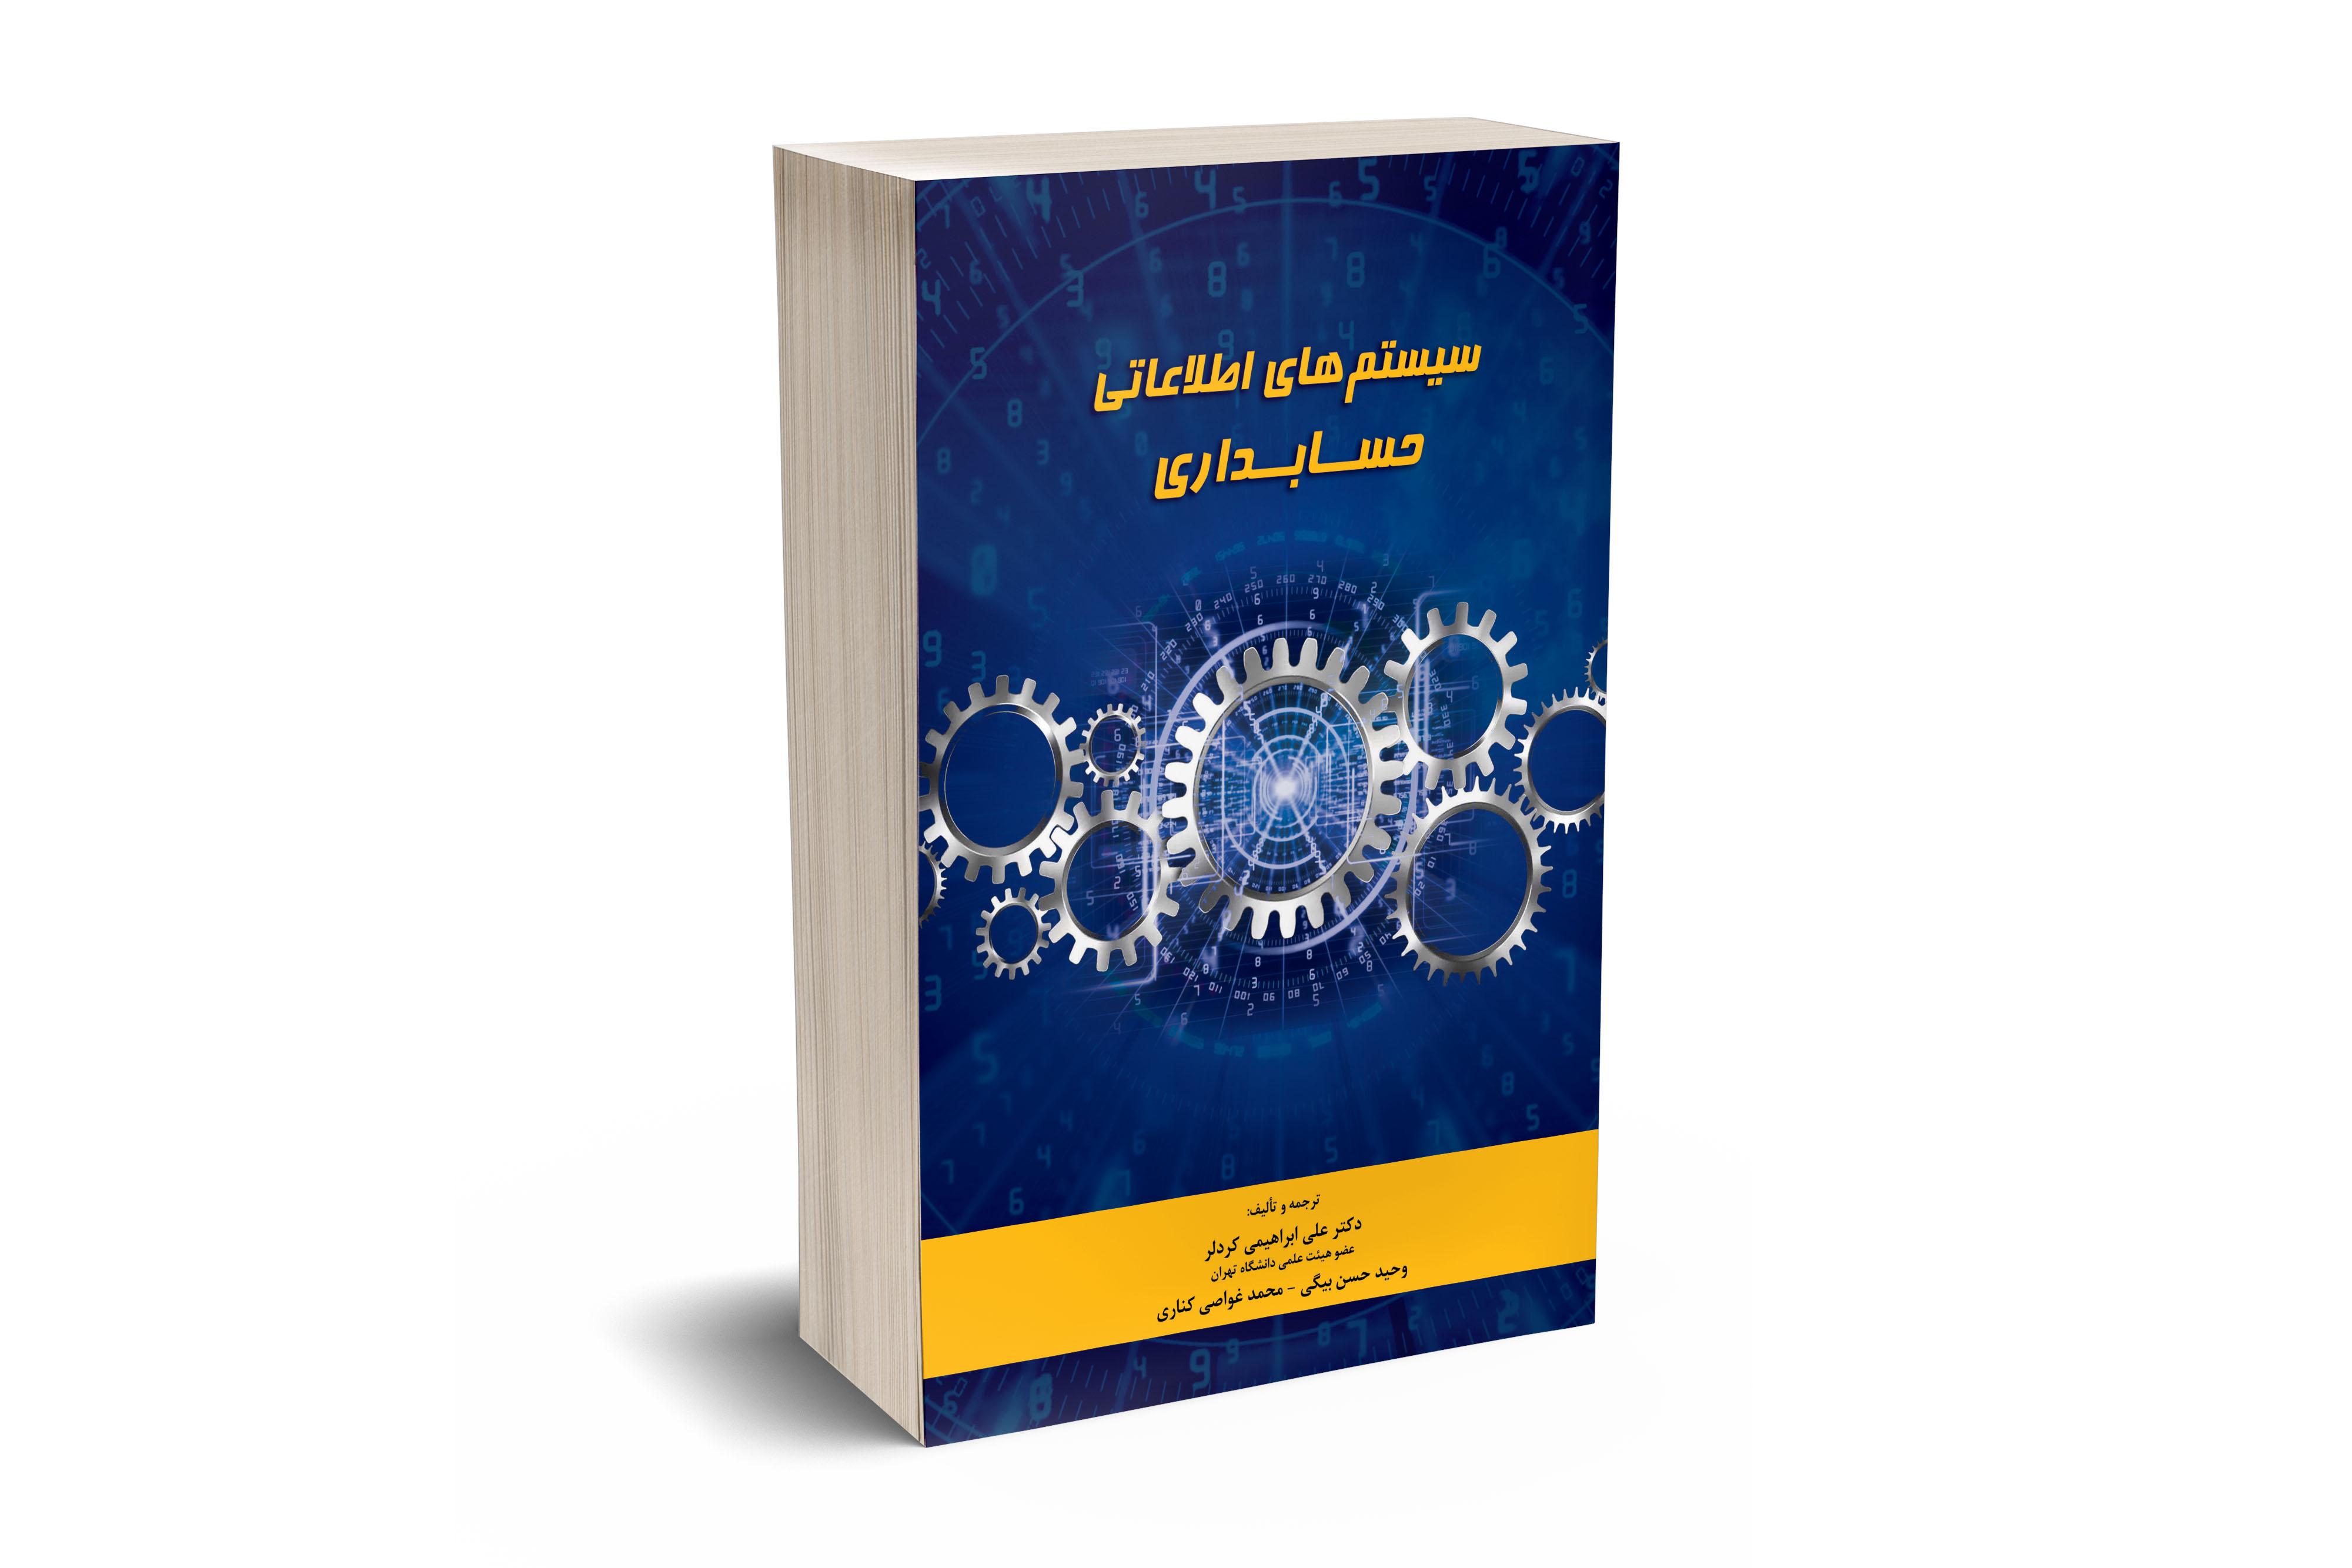 سیستمهای اطلاعاتی حسابداری